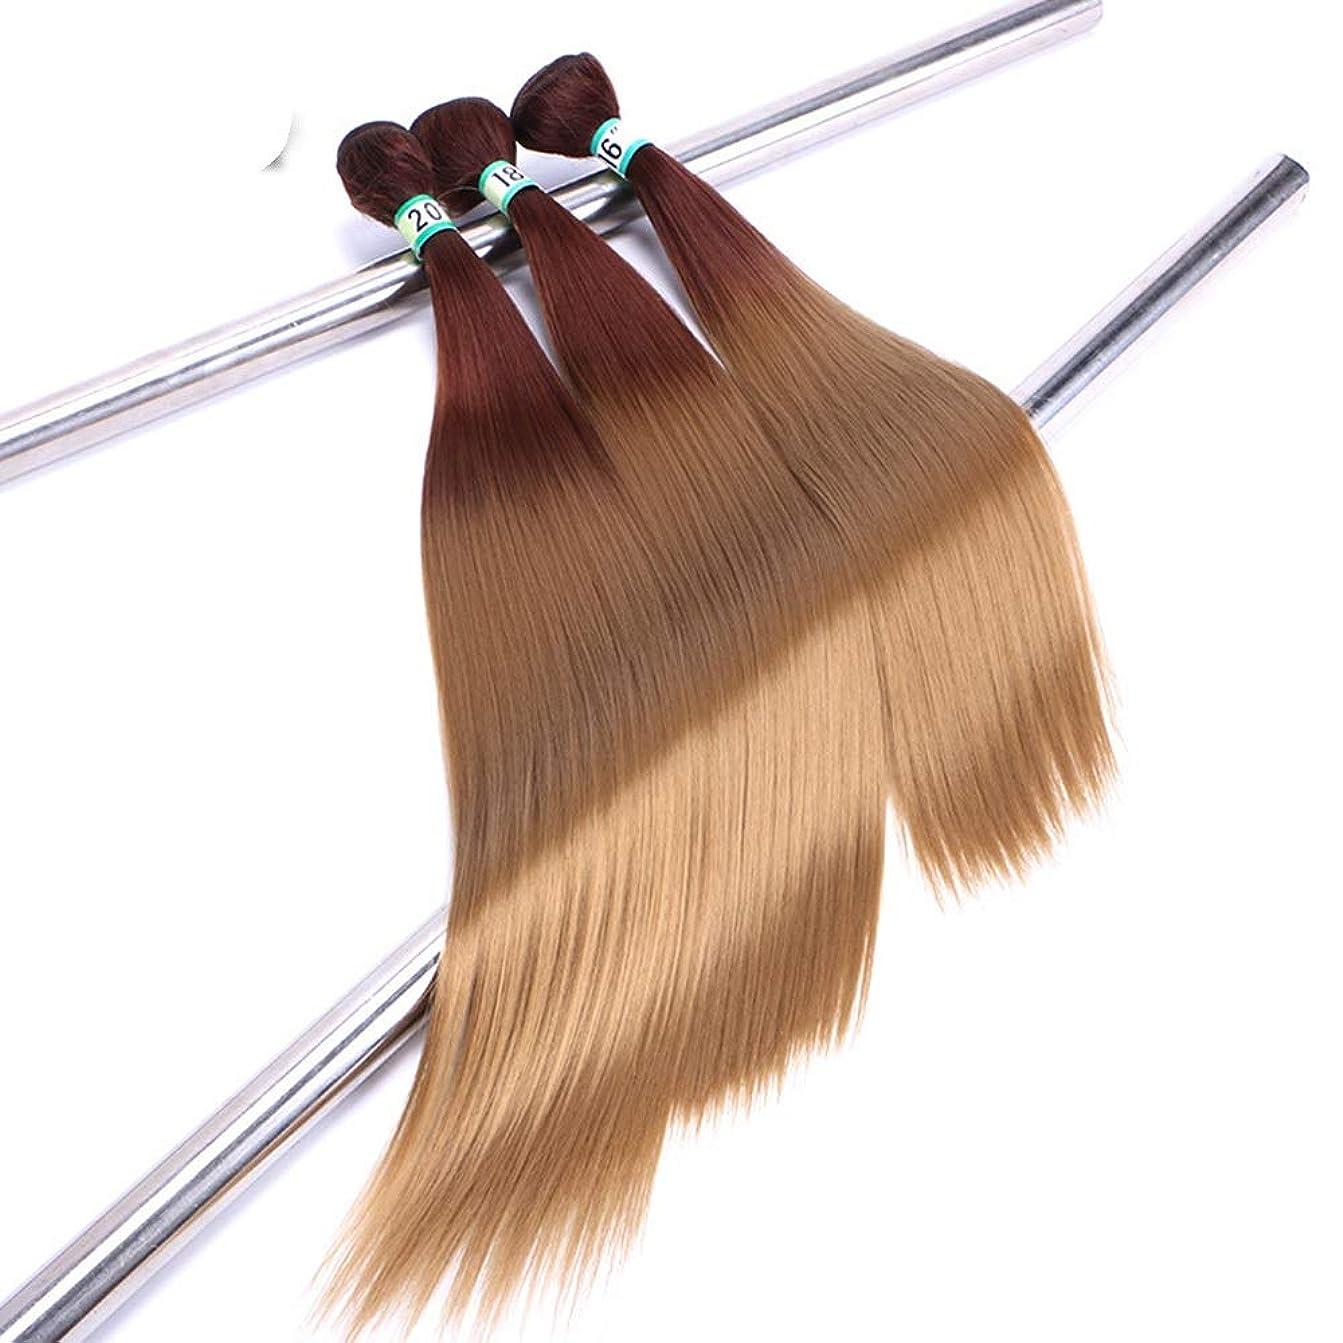 仮説公園忘れるHOHYLLYA 黒のグラデーション茶色の髪織りバンドルヘアエクステンション横糸 - ストレートヘア(3バンドル、70g /バンドル)合成髪レースかつらロールプレイングウィッグロング&ショート女性自然 (色 : ブラウン, サイズ : 18